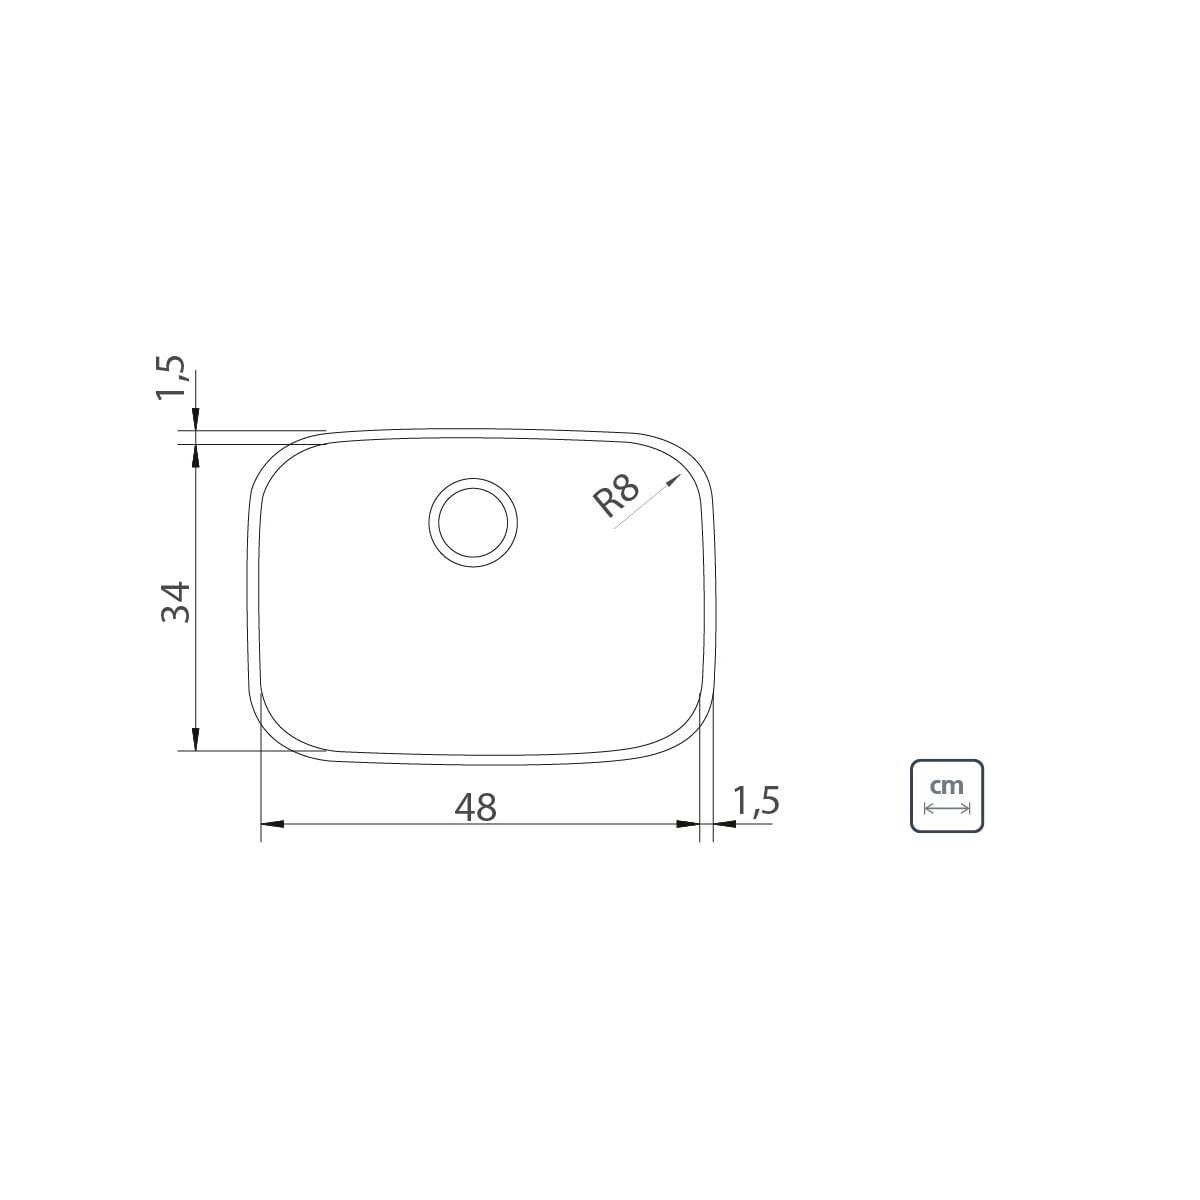 Cuba de Embutir Tramontina Lavínia 48 BL em Aço Inox Alto Brilho 48 x 34 x 18 cm com Válvula